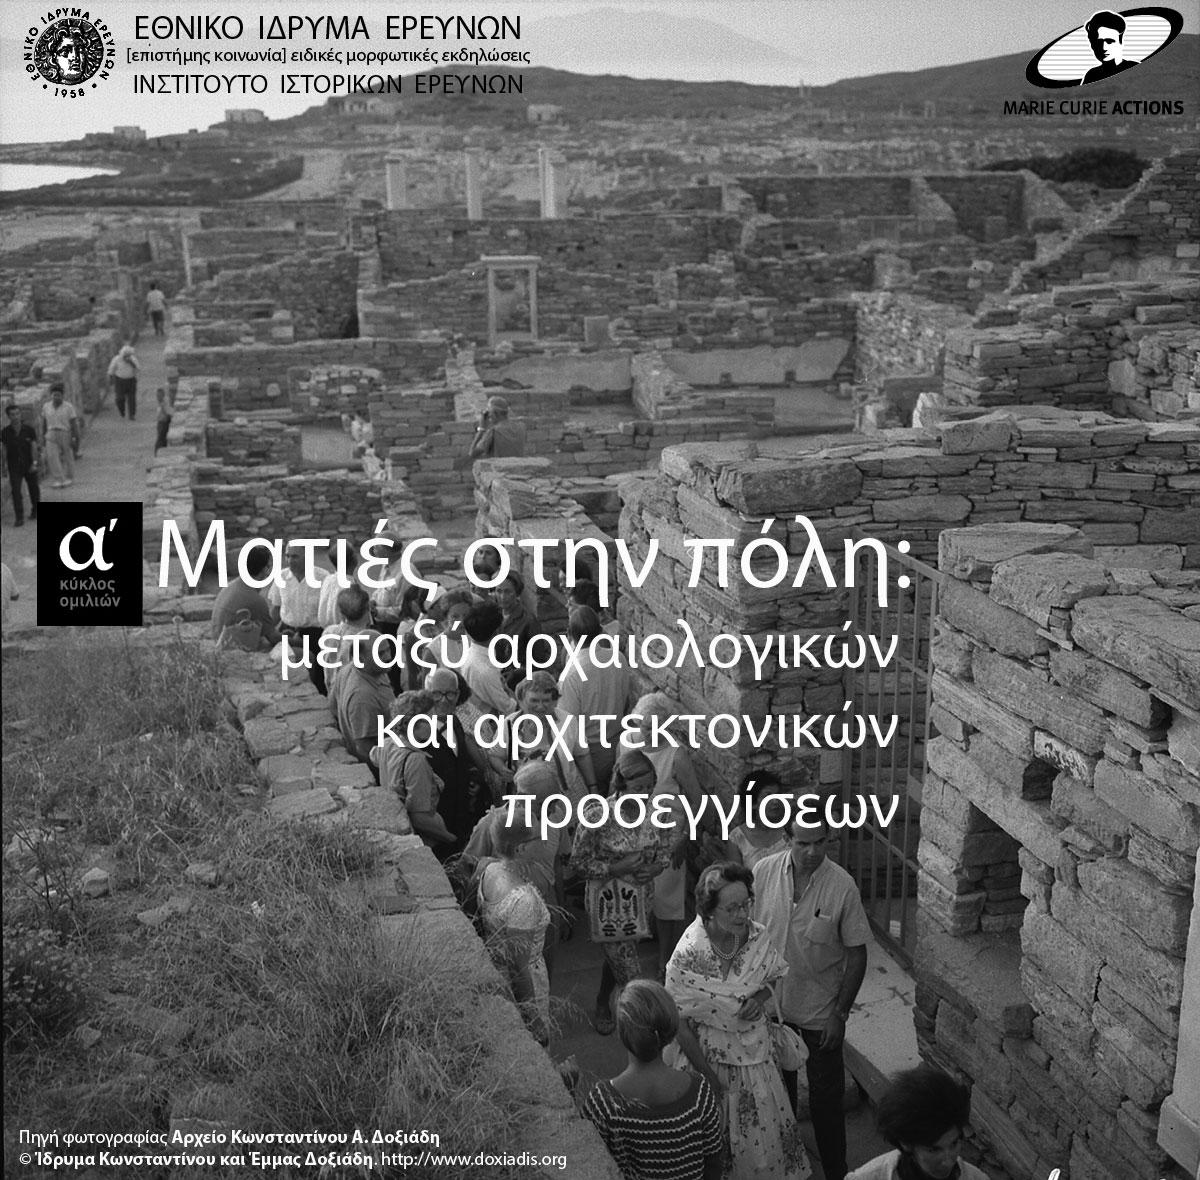 «Ματιές στην πόλη: μεταξύ αρχαιολογικών και αρχιτεκτονικών προσεγγίσεων» είναι ο τίτλος του κύκλου ομιλιών που θα πραγματοποιηθεί στο Εθνικό ίδρυμα Ερευνών.